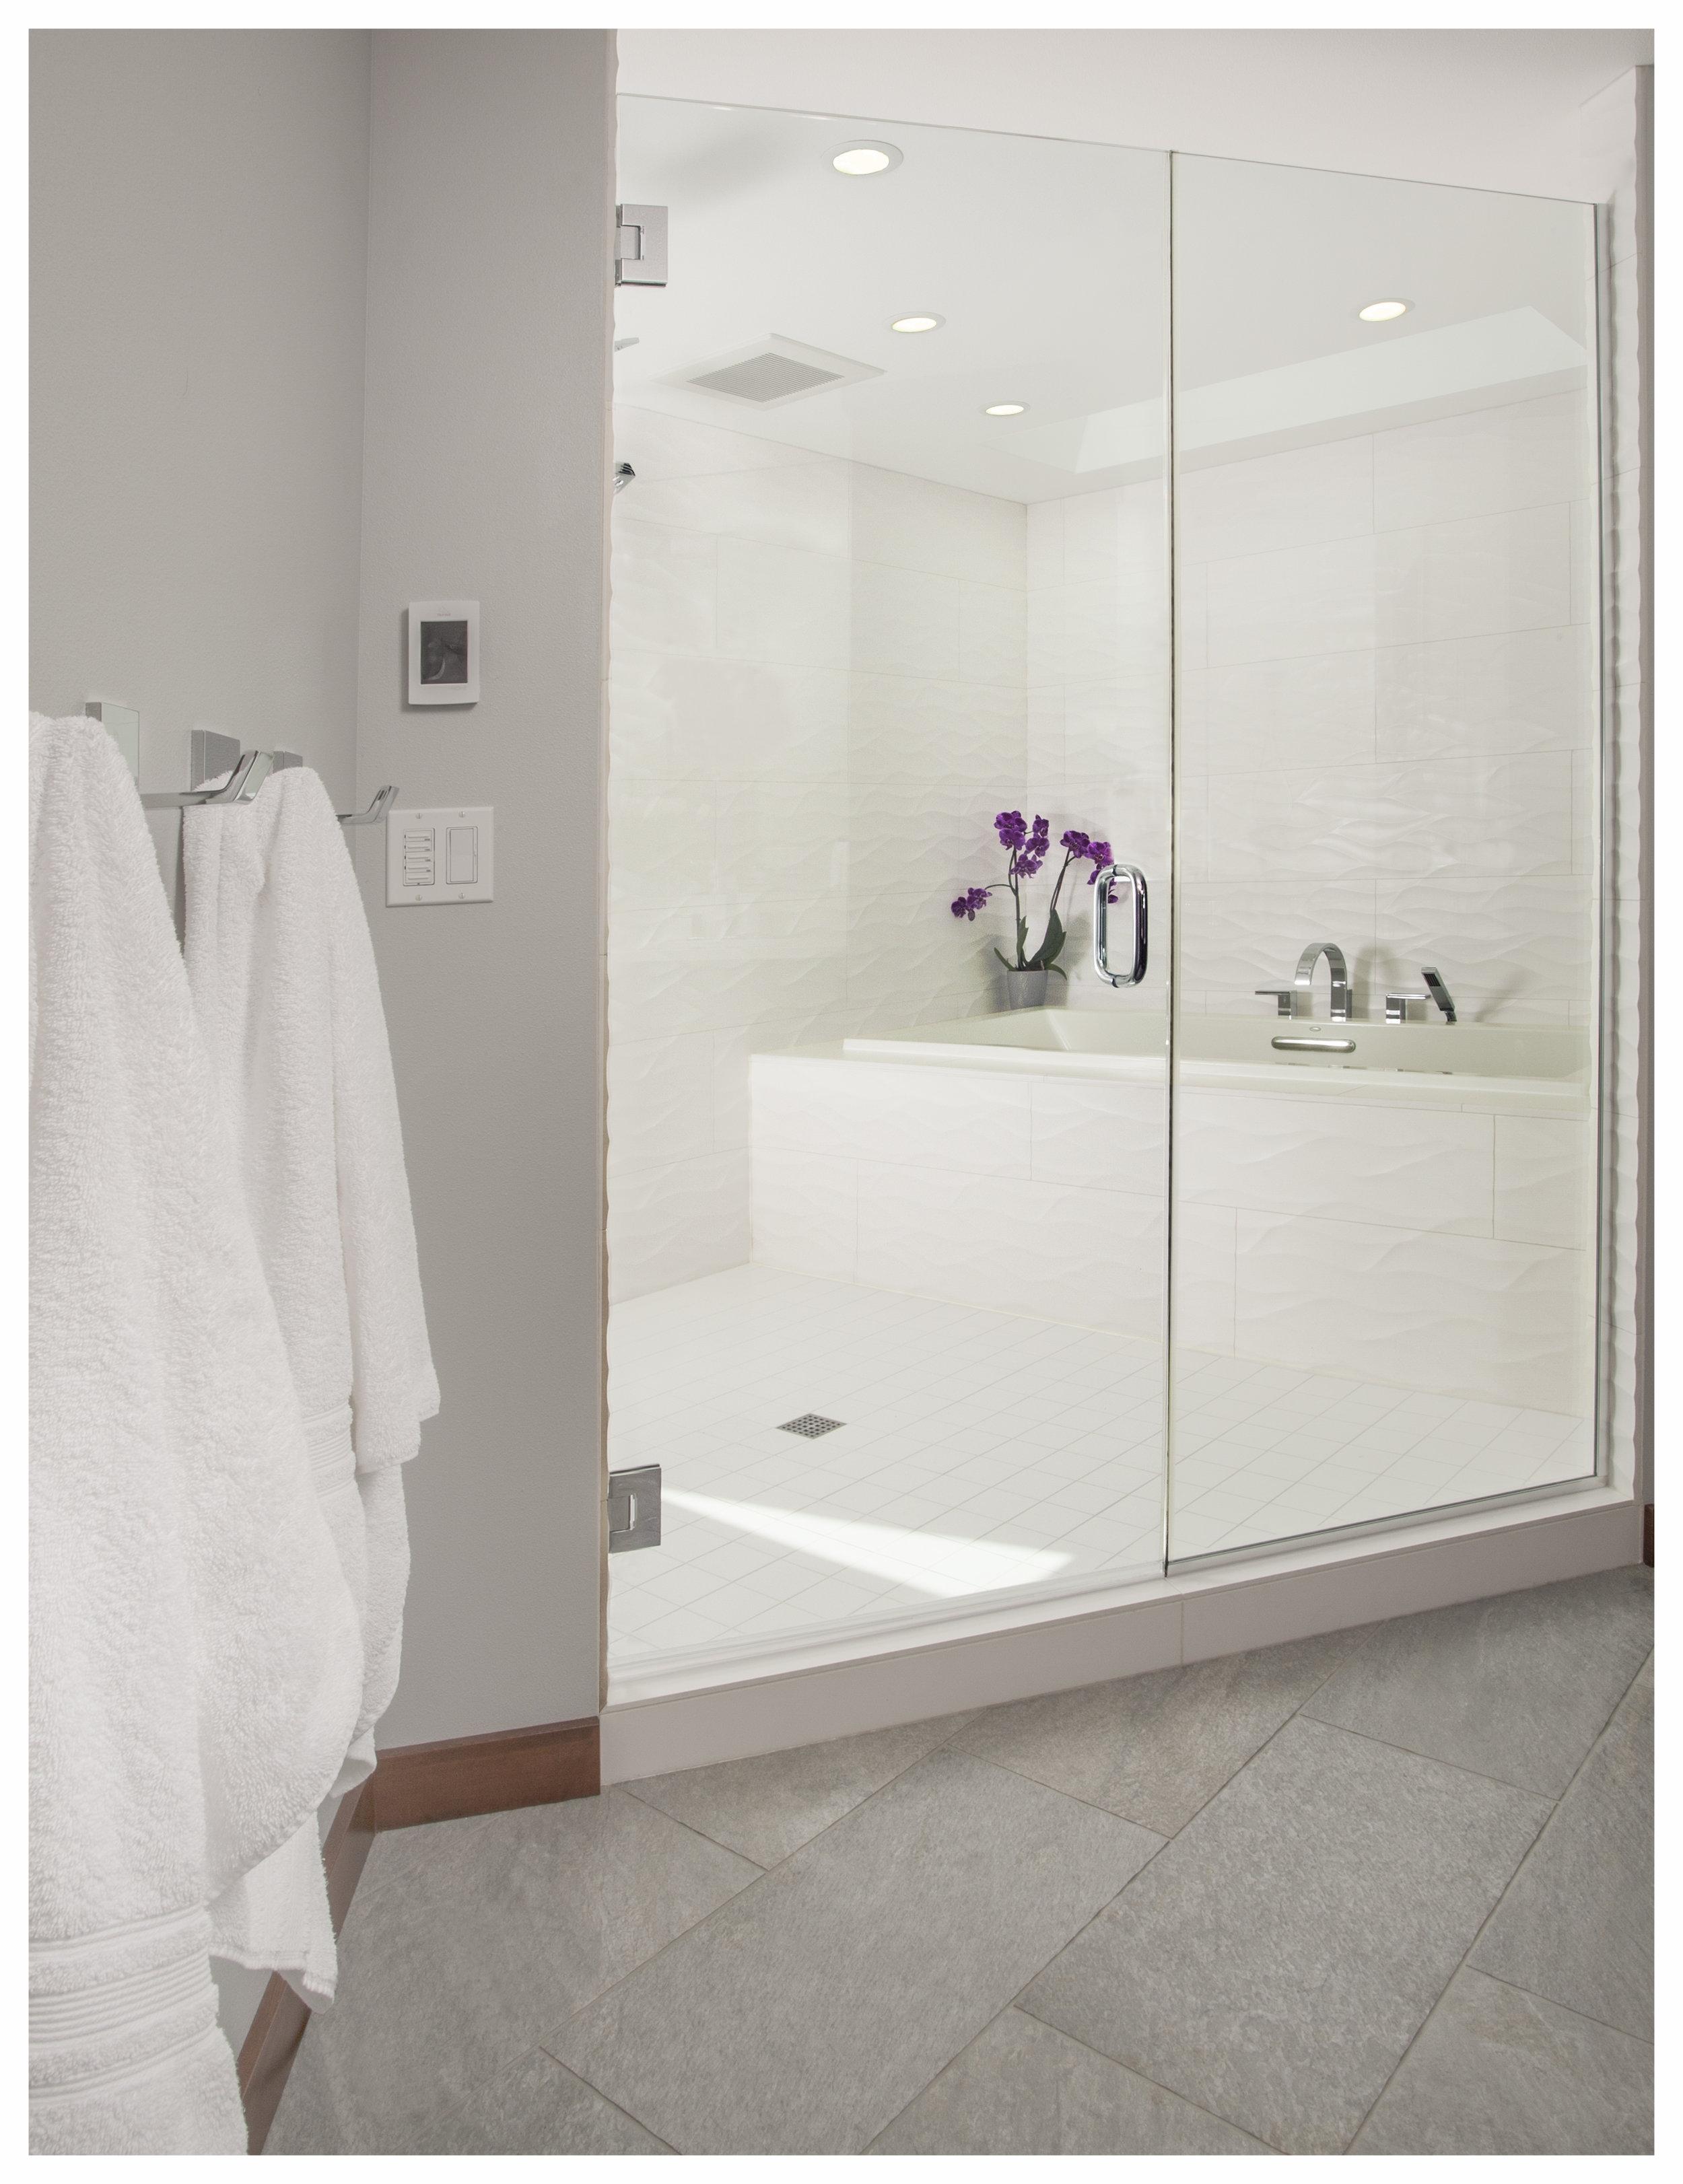 Bellevue Newport Shores Contemporary Master Bath 1.jpg